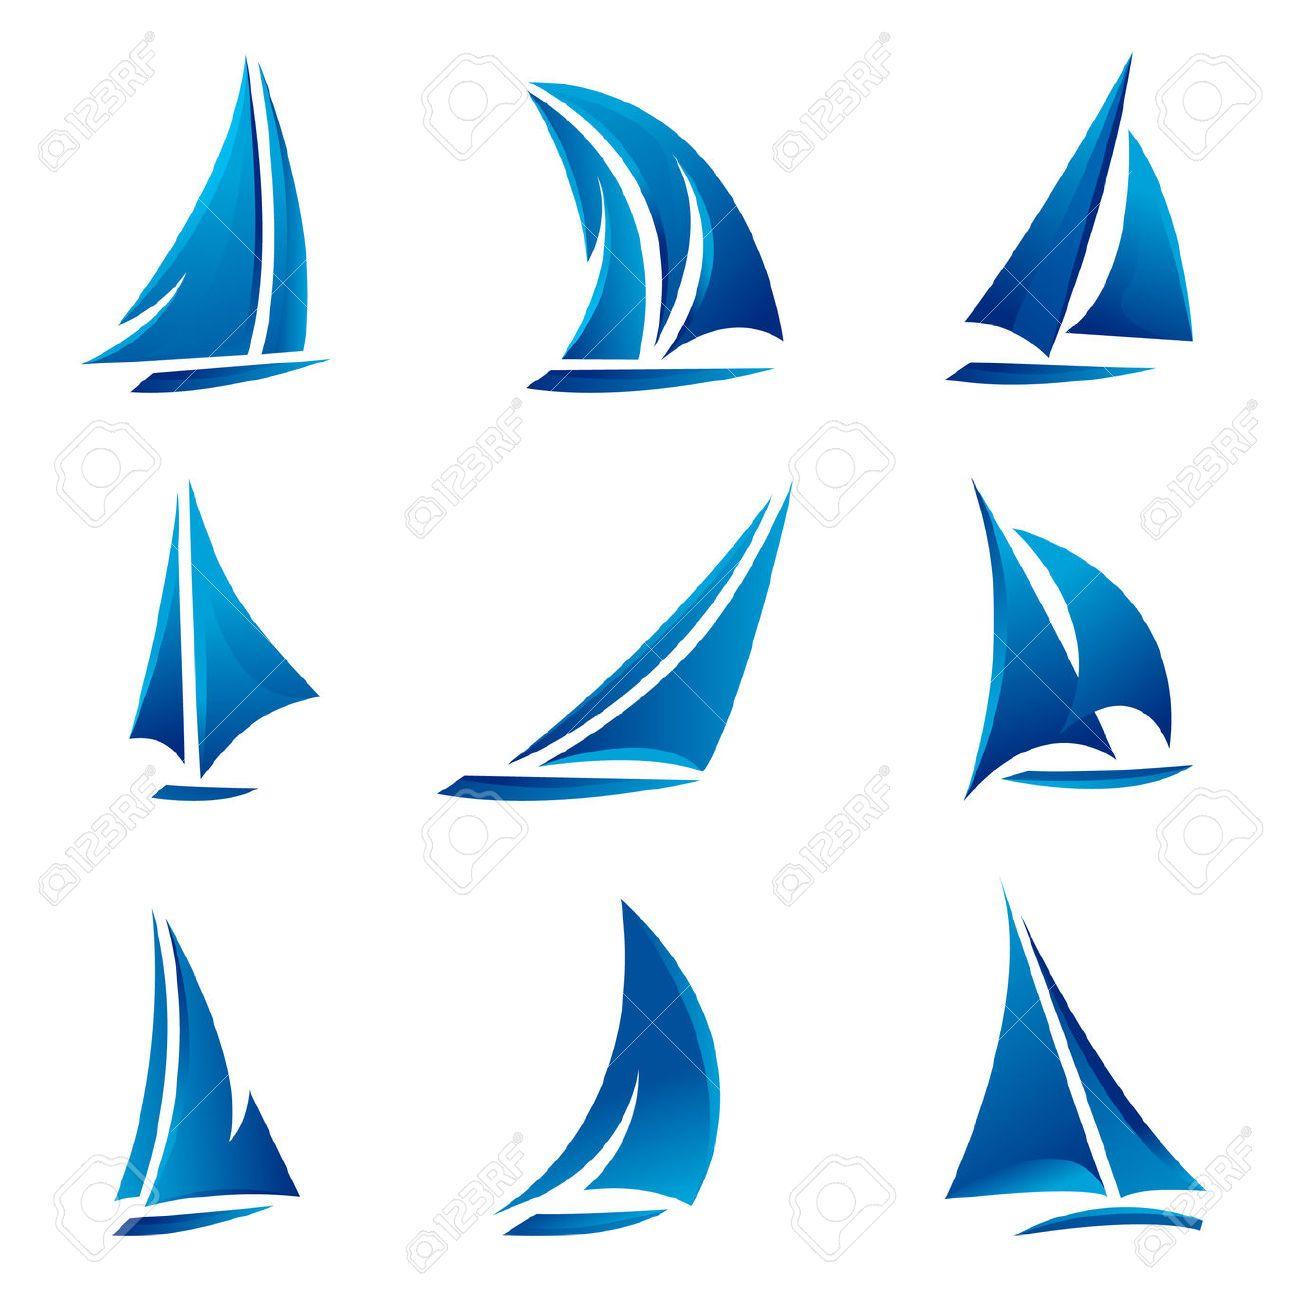 Sailboat Stock Vector Illustration And Royalty Free Sailboat.